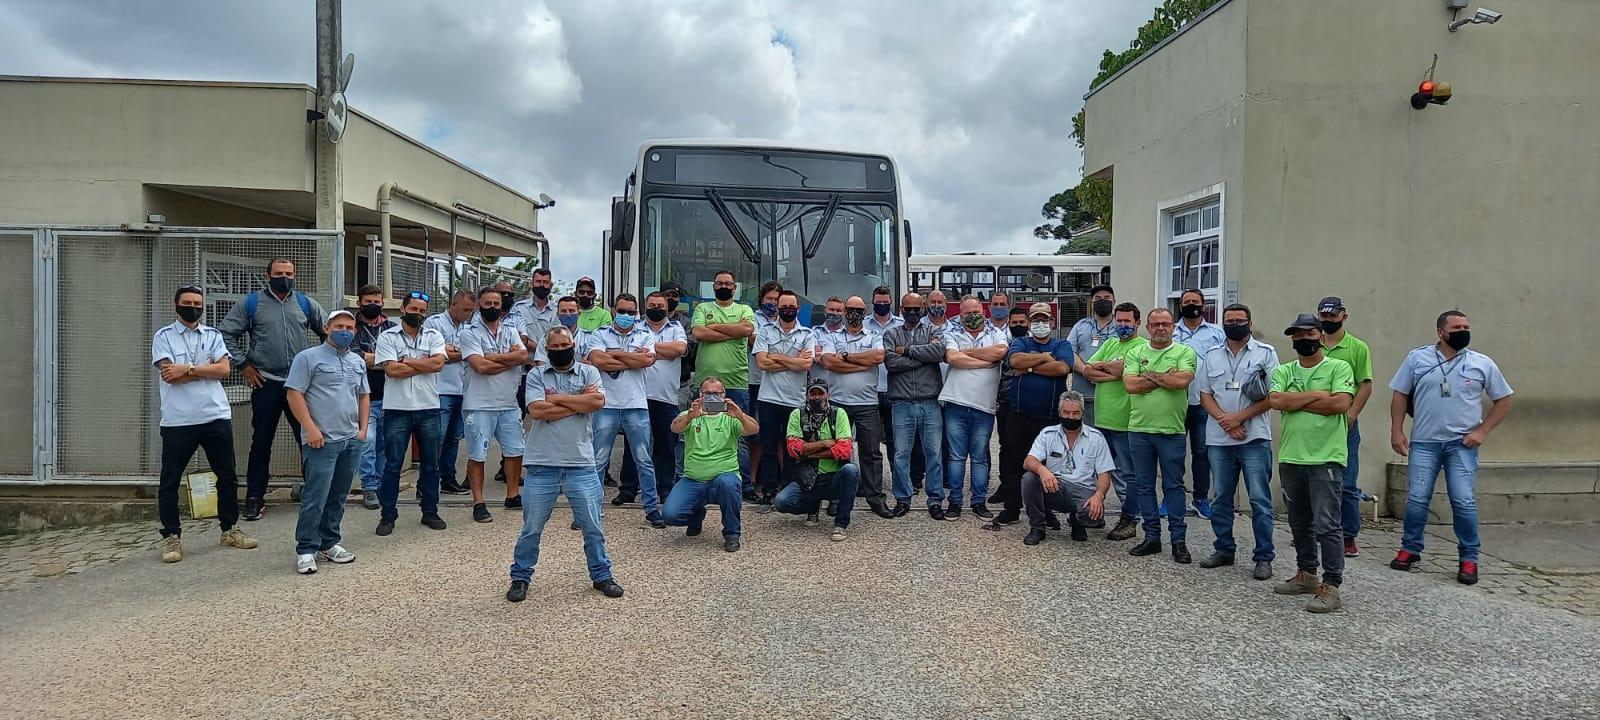 Em quarto dia de greve de ônibus, São José dos Pinhais tem 50% da frota operando, diz sindicato